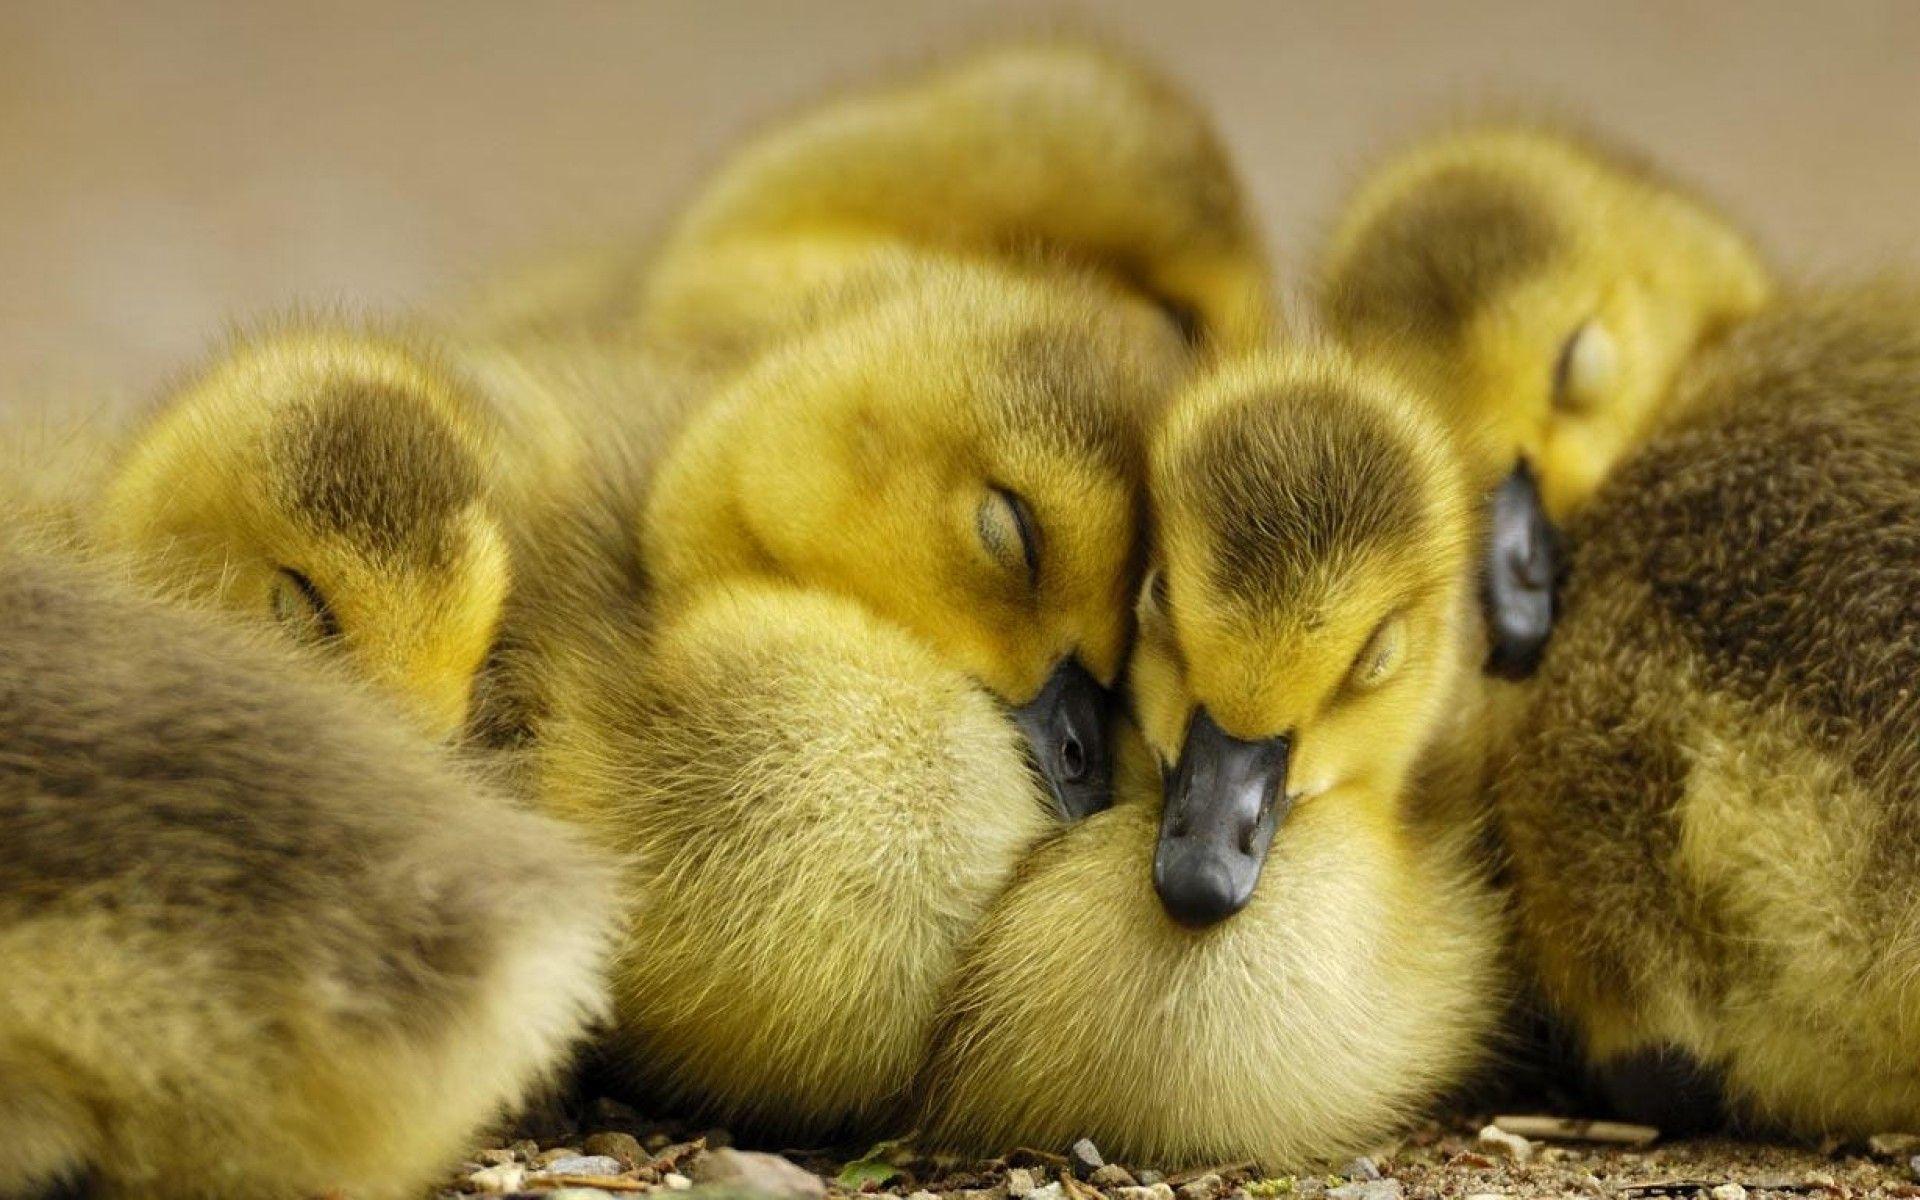 Baby Duck Wallpapers - Wallpaper Cave